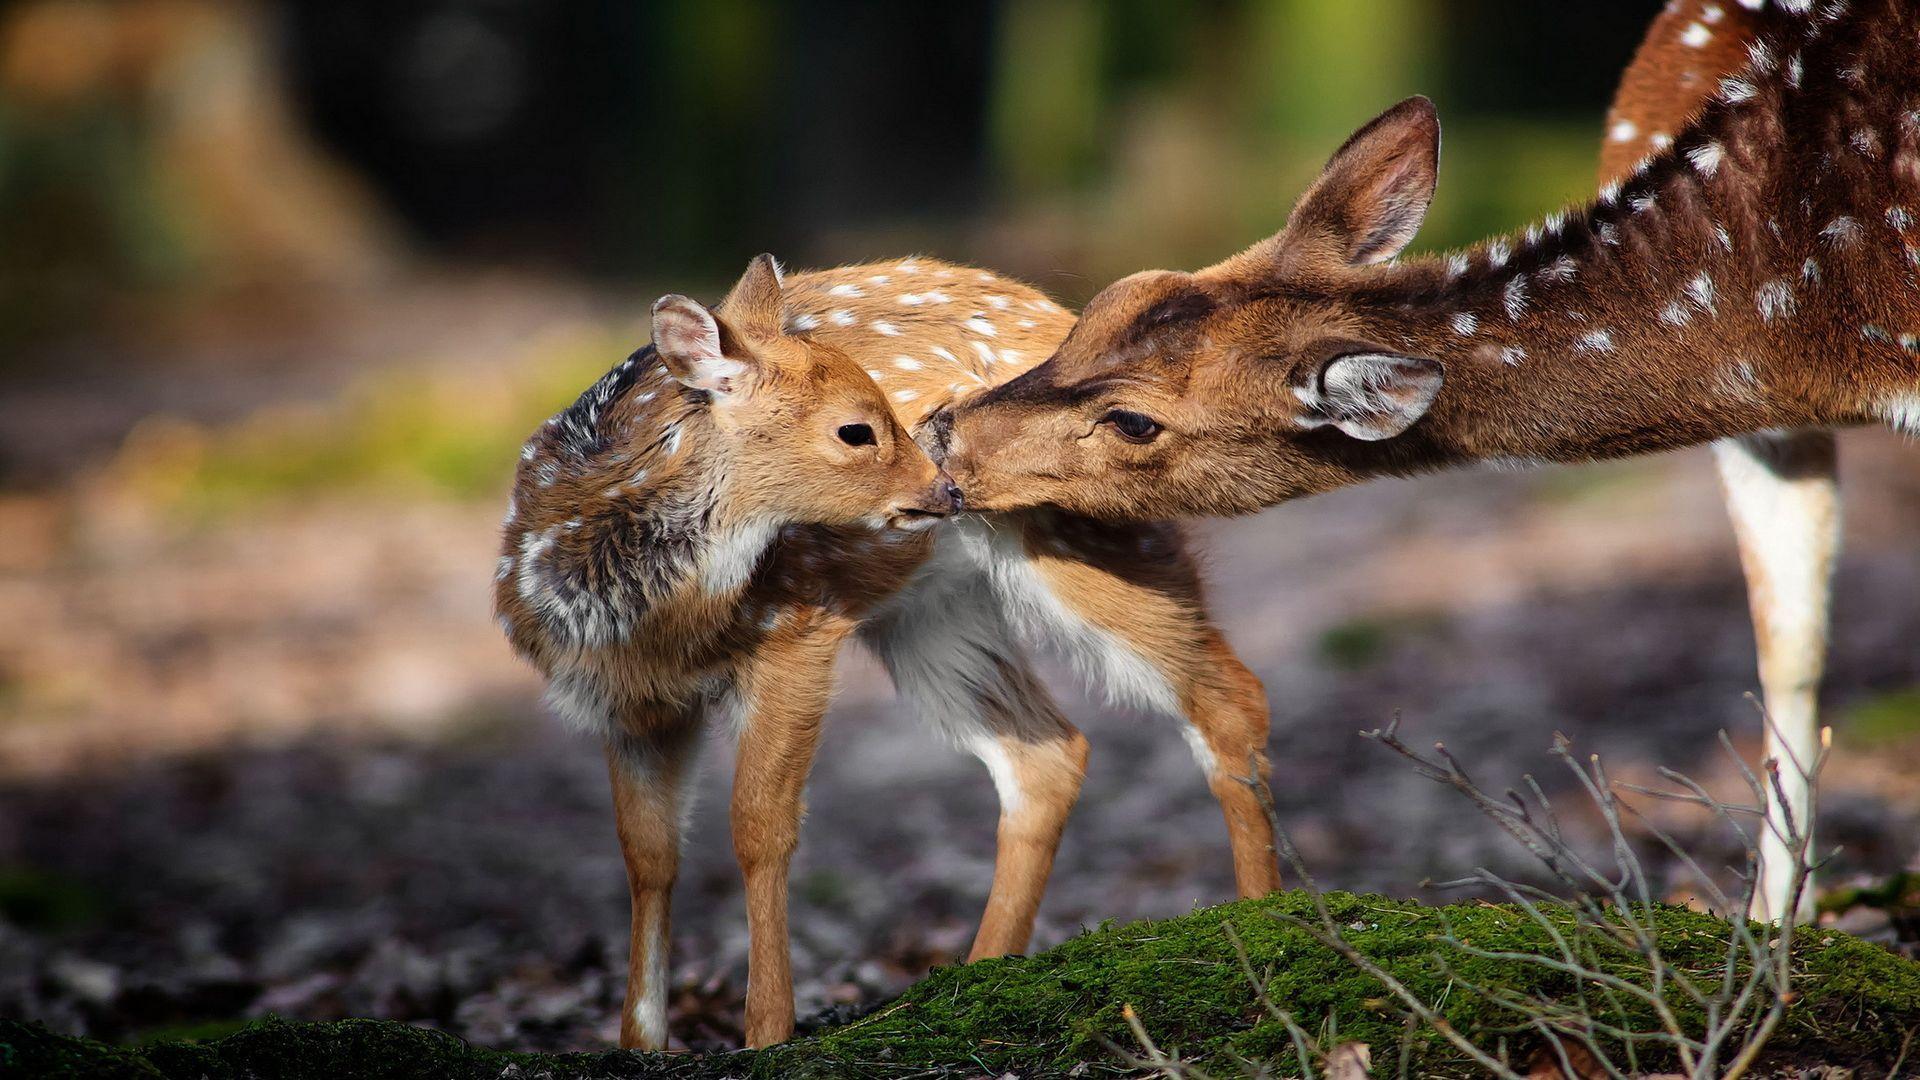 Deer download wallpaper image